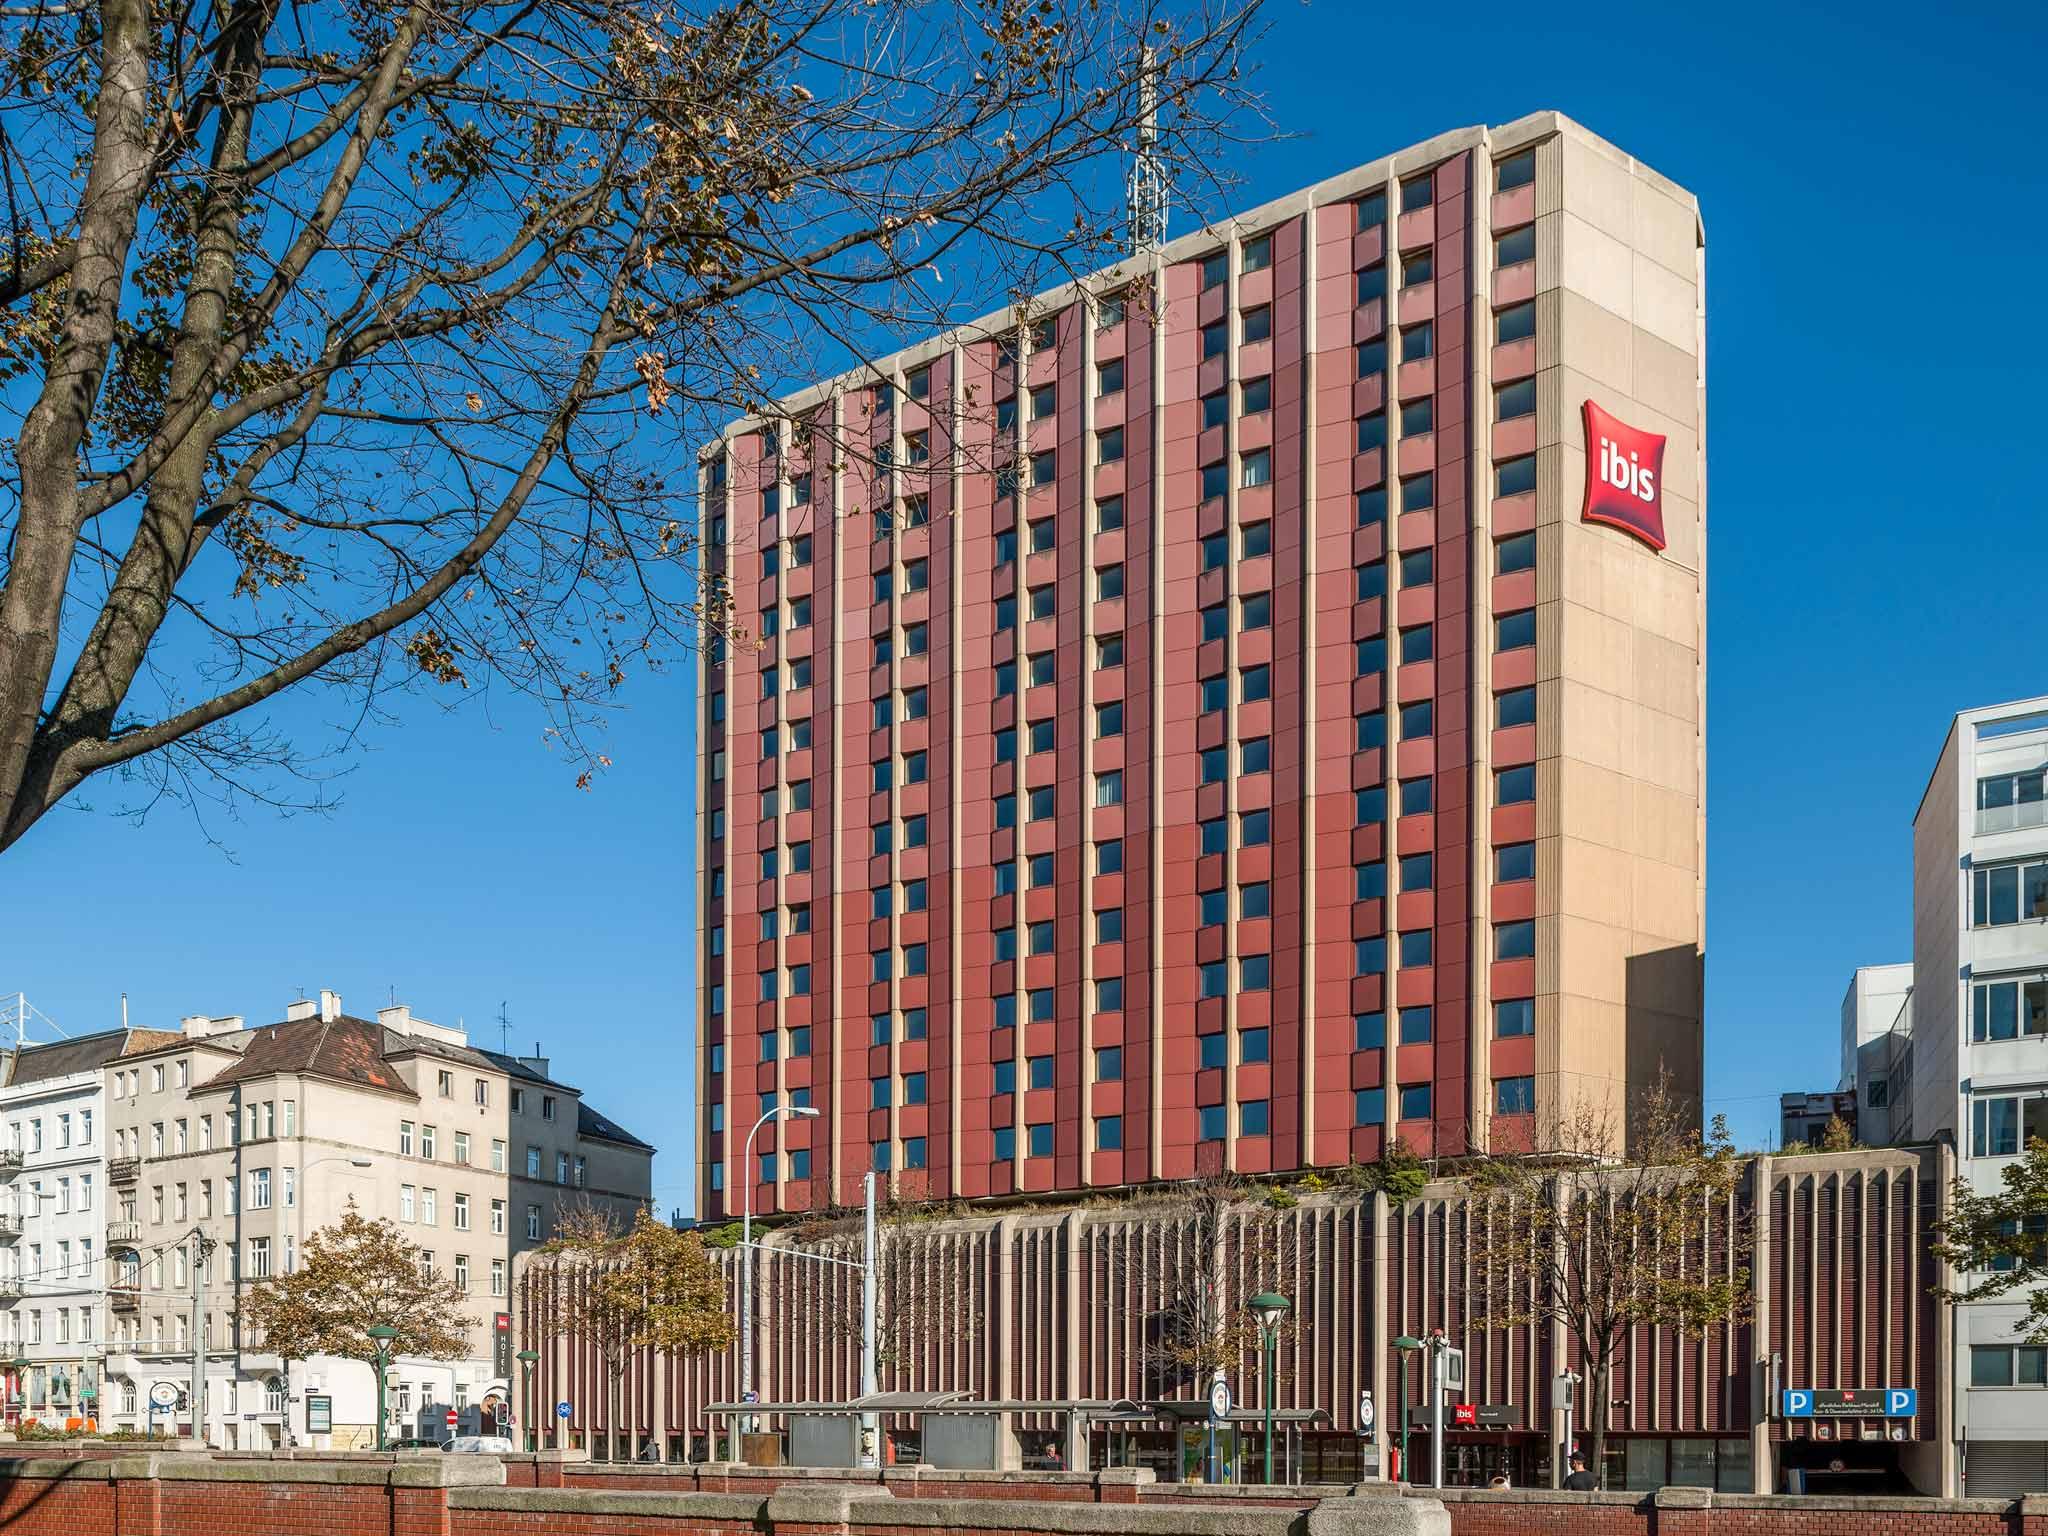 מלון Ibis Wien Mariahilf Hotel